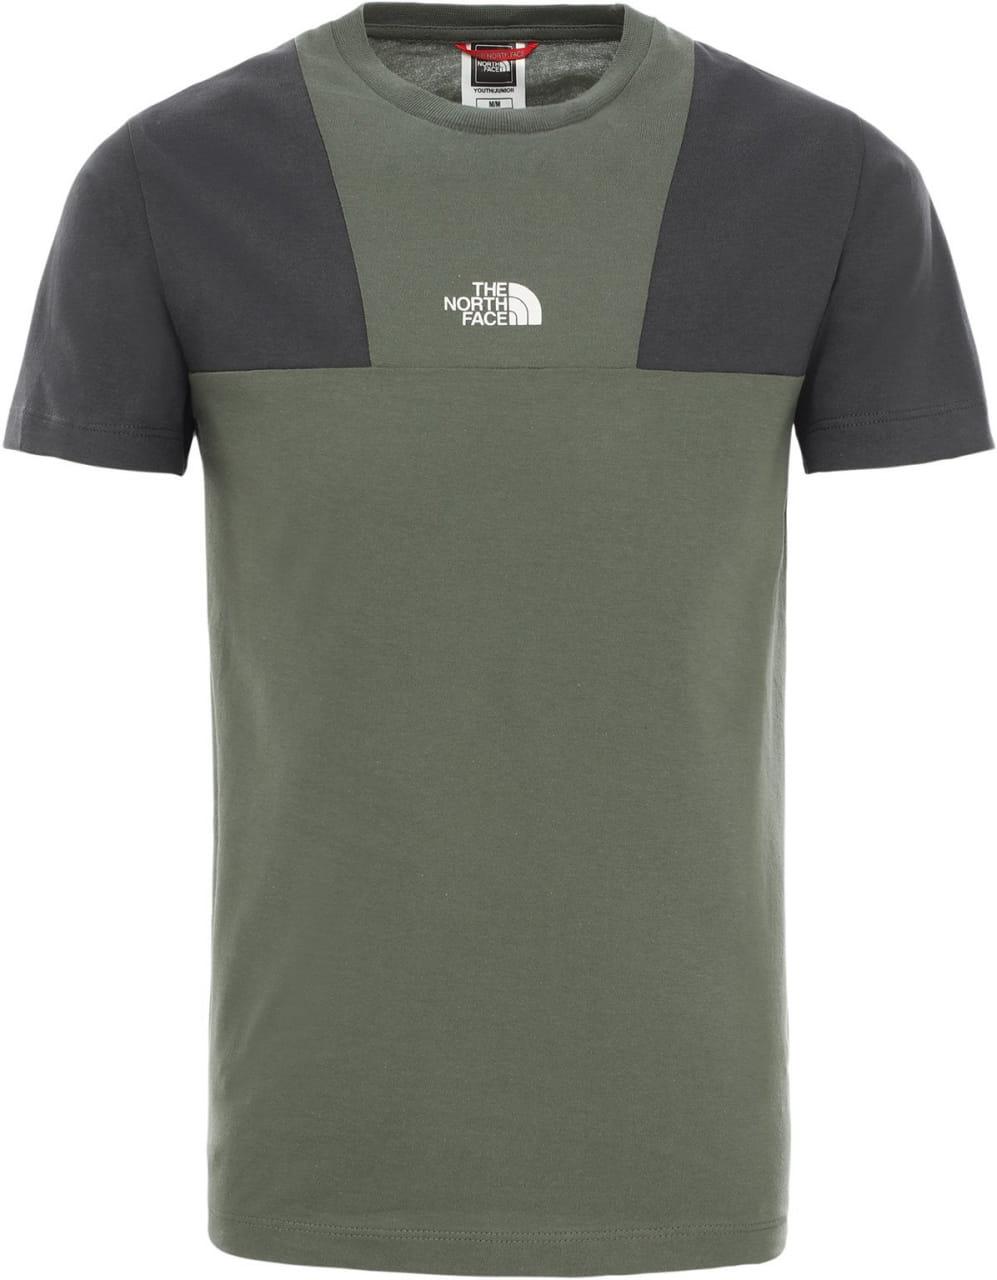 T-Shirts The North Face Youth Yafita Short-Sleeve T-Shirt